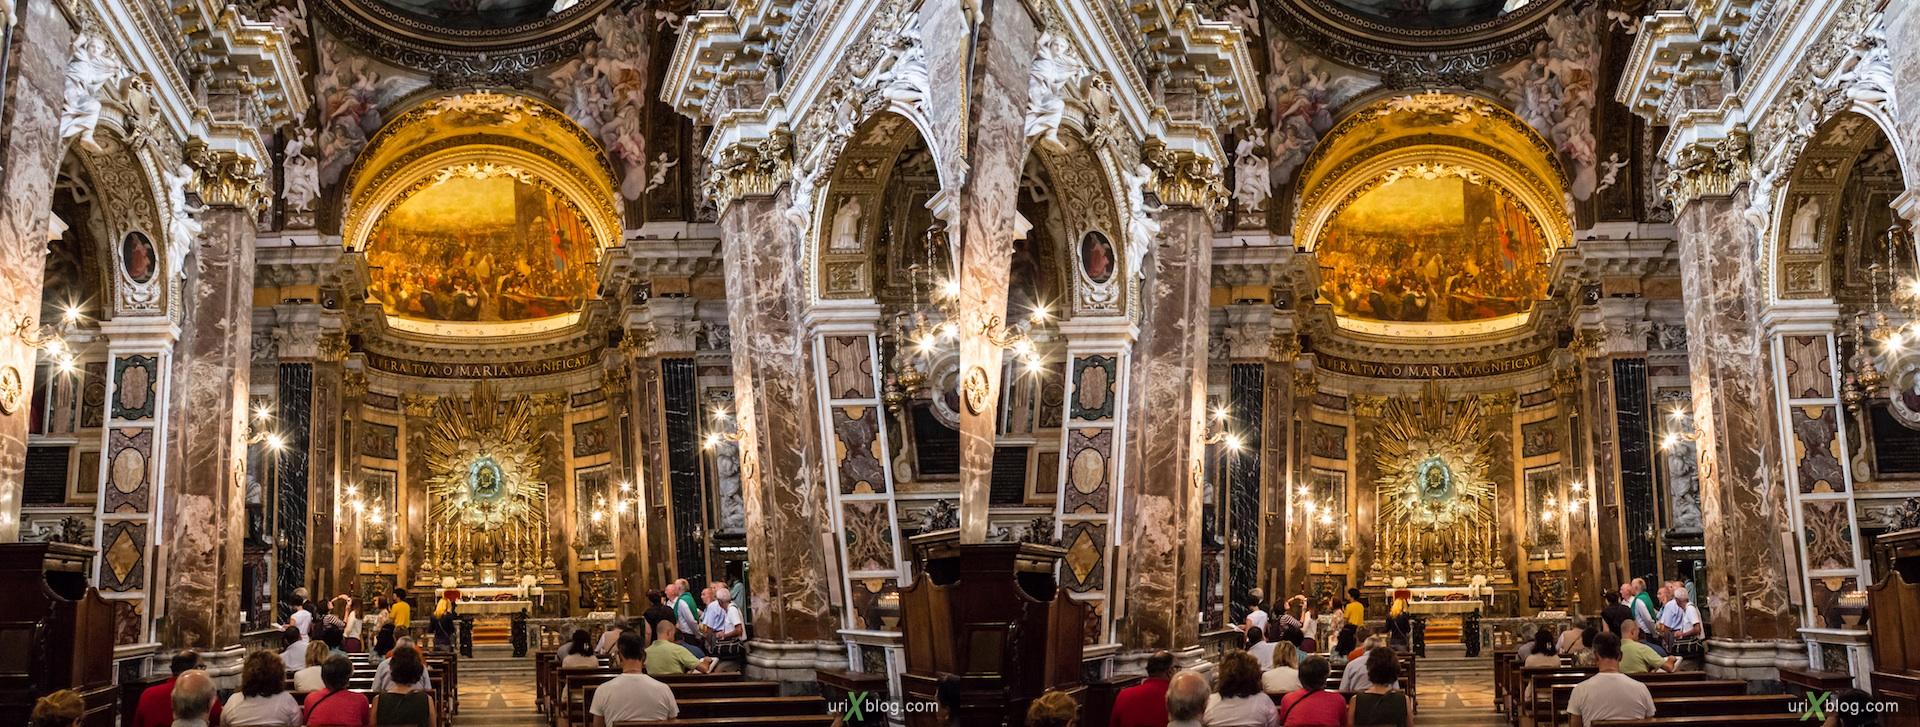 2012 церковь санта мария делла витториа